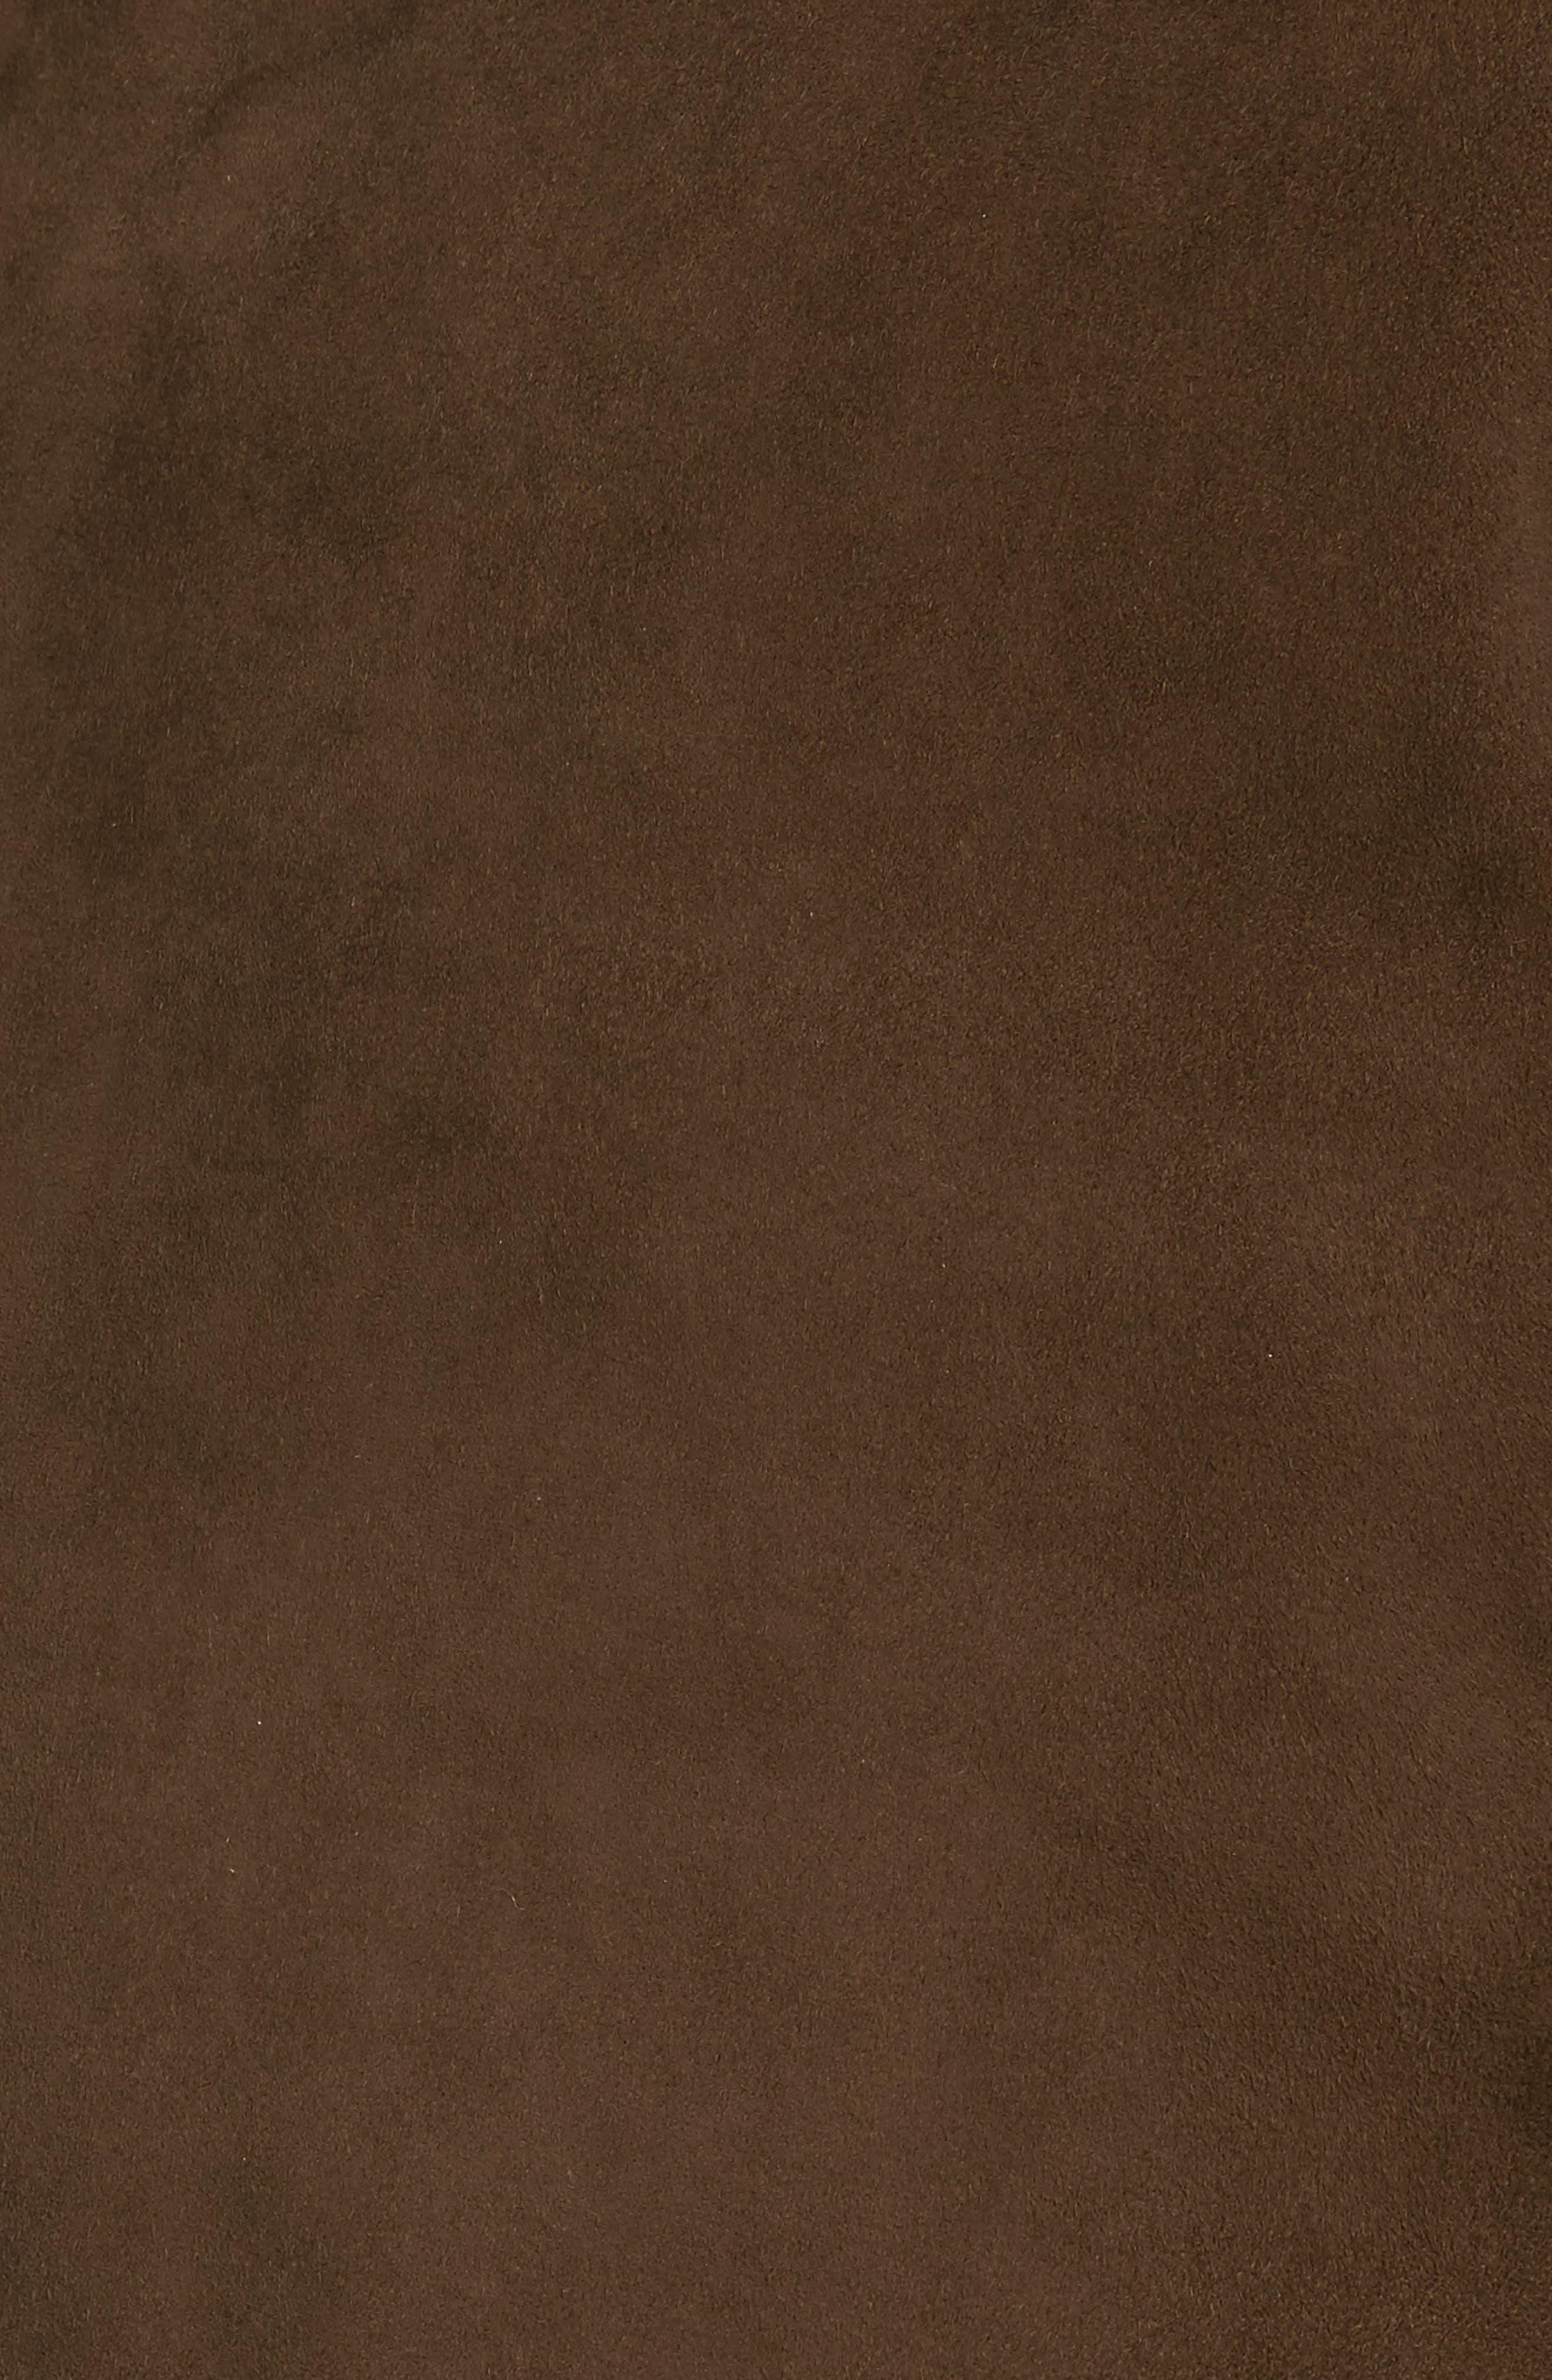 Avondale Suede Jacket,                             Alternate thumbnail 6, color,                             230